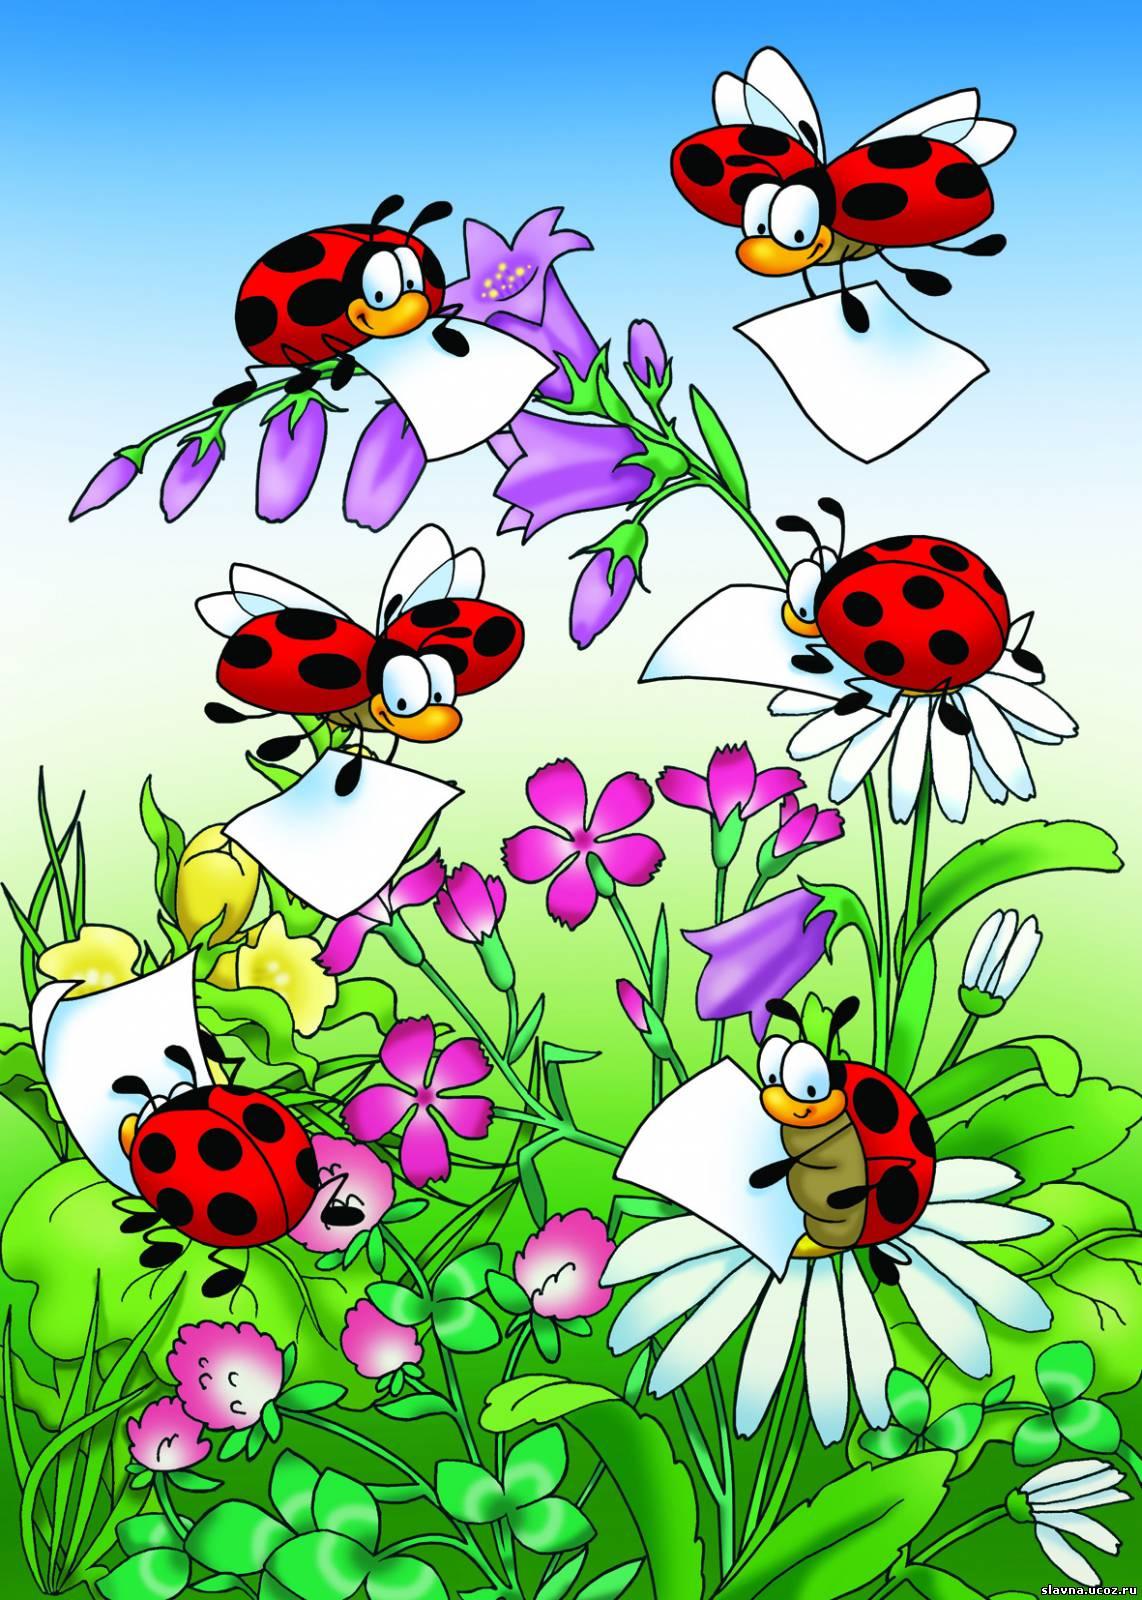 картинка сада с насекомыми дате возобновления